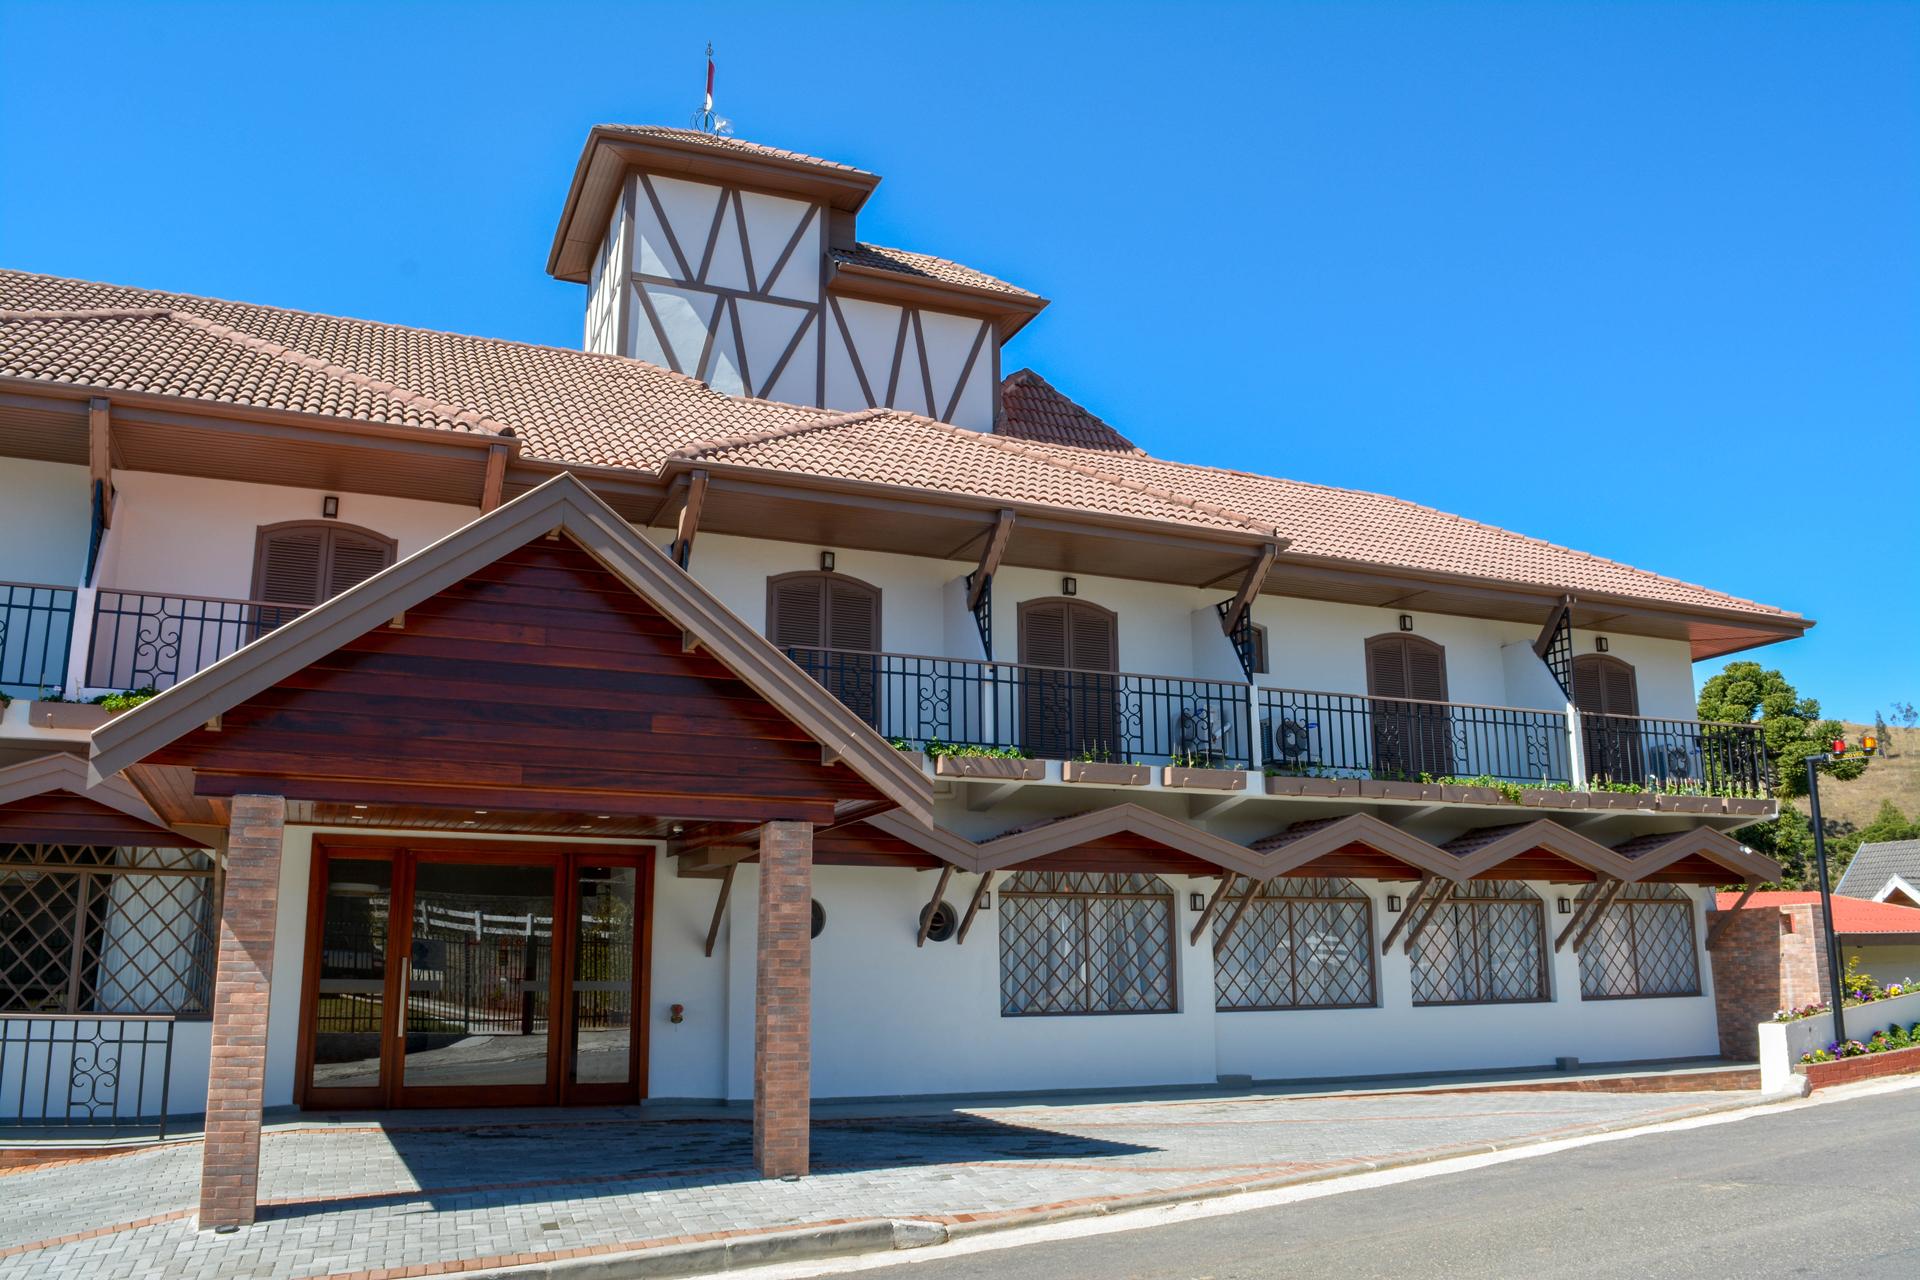 hotel-moinho-italia-campos-do-jordao-04